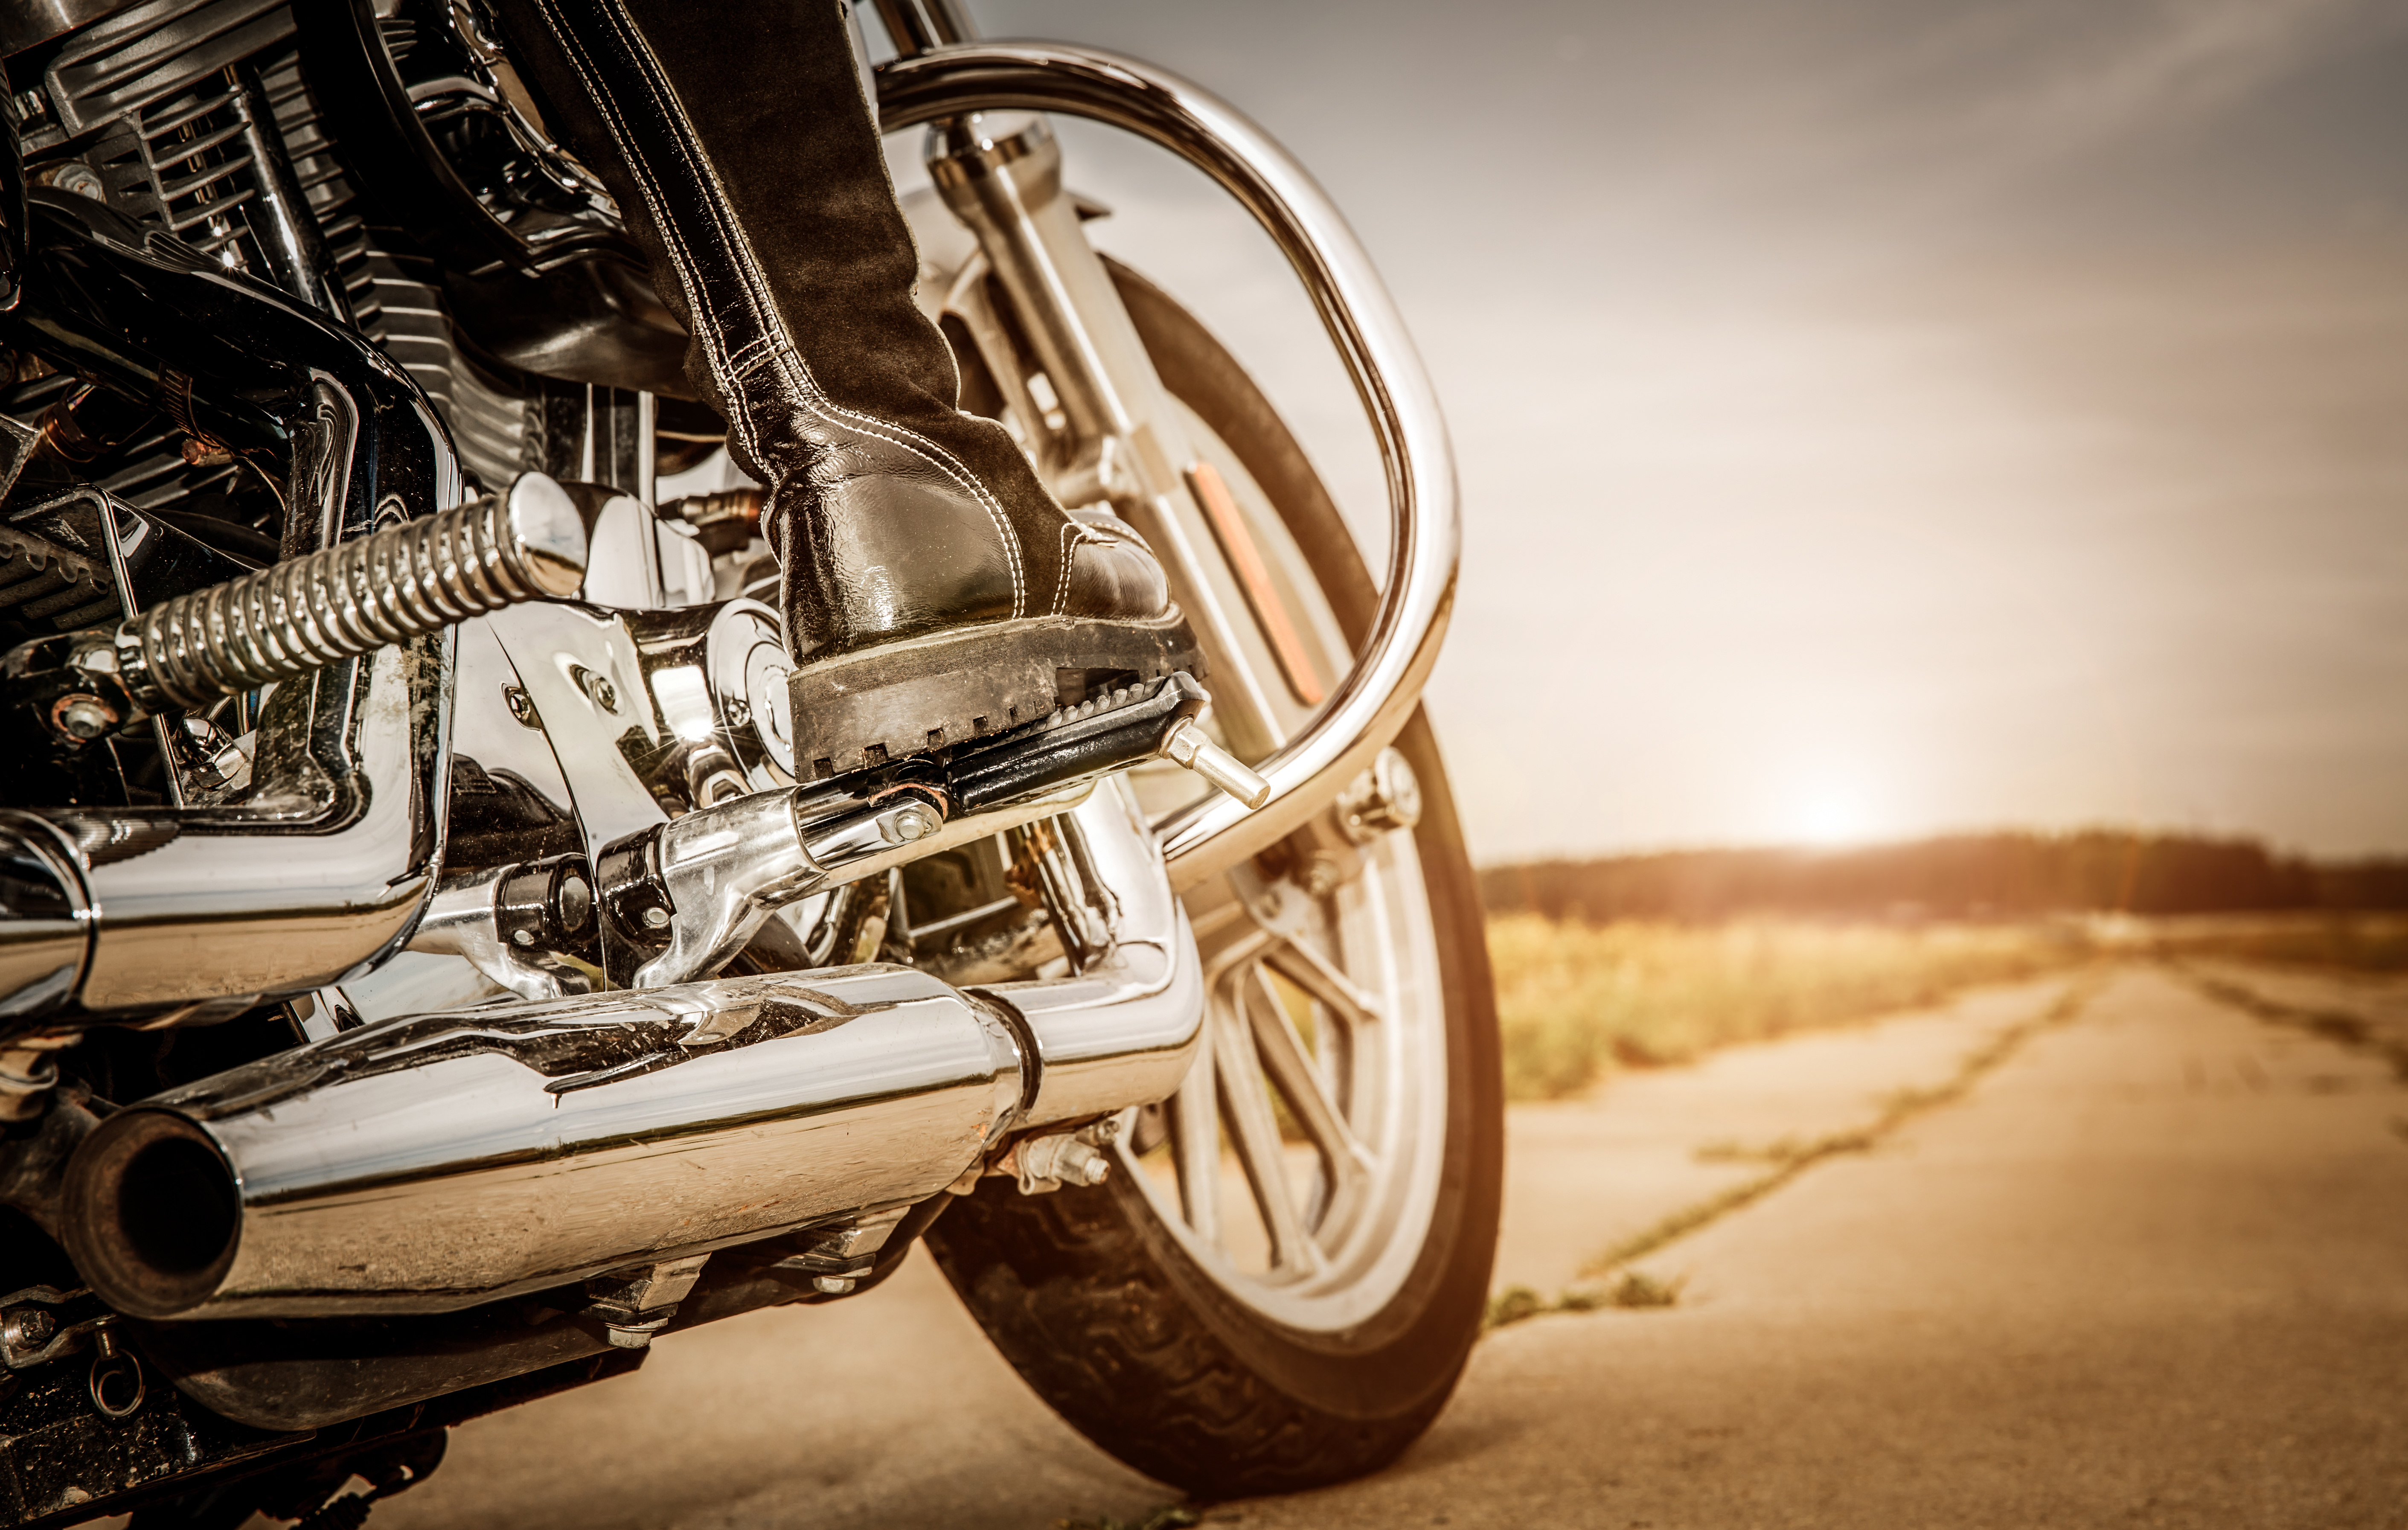 Jak wybrać odpowiedni tłumik do motocykla?